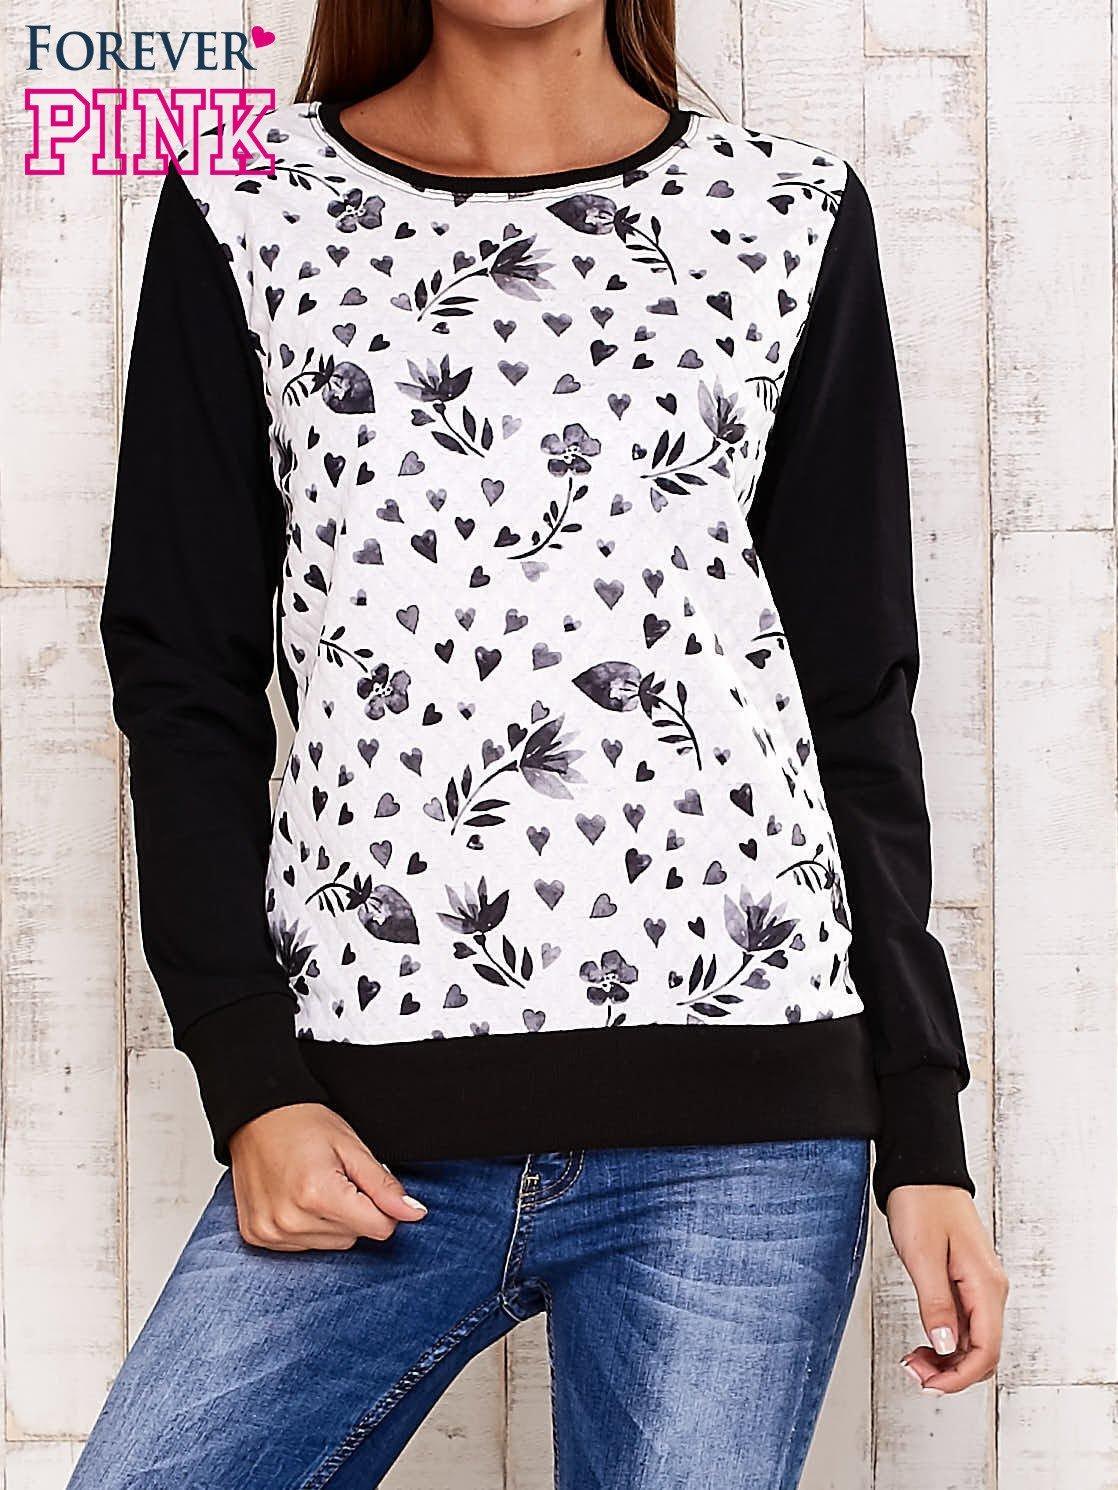 Czarna bluza z motywem serduszek                                  zdj.                                  1